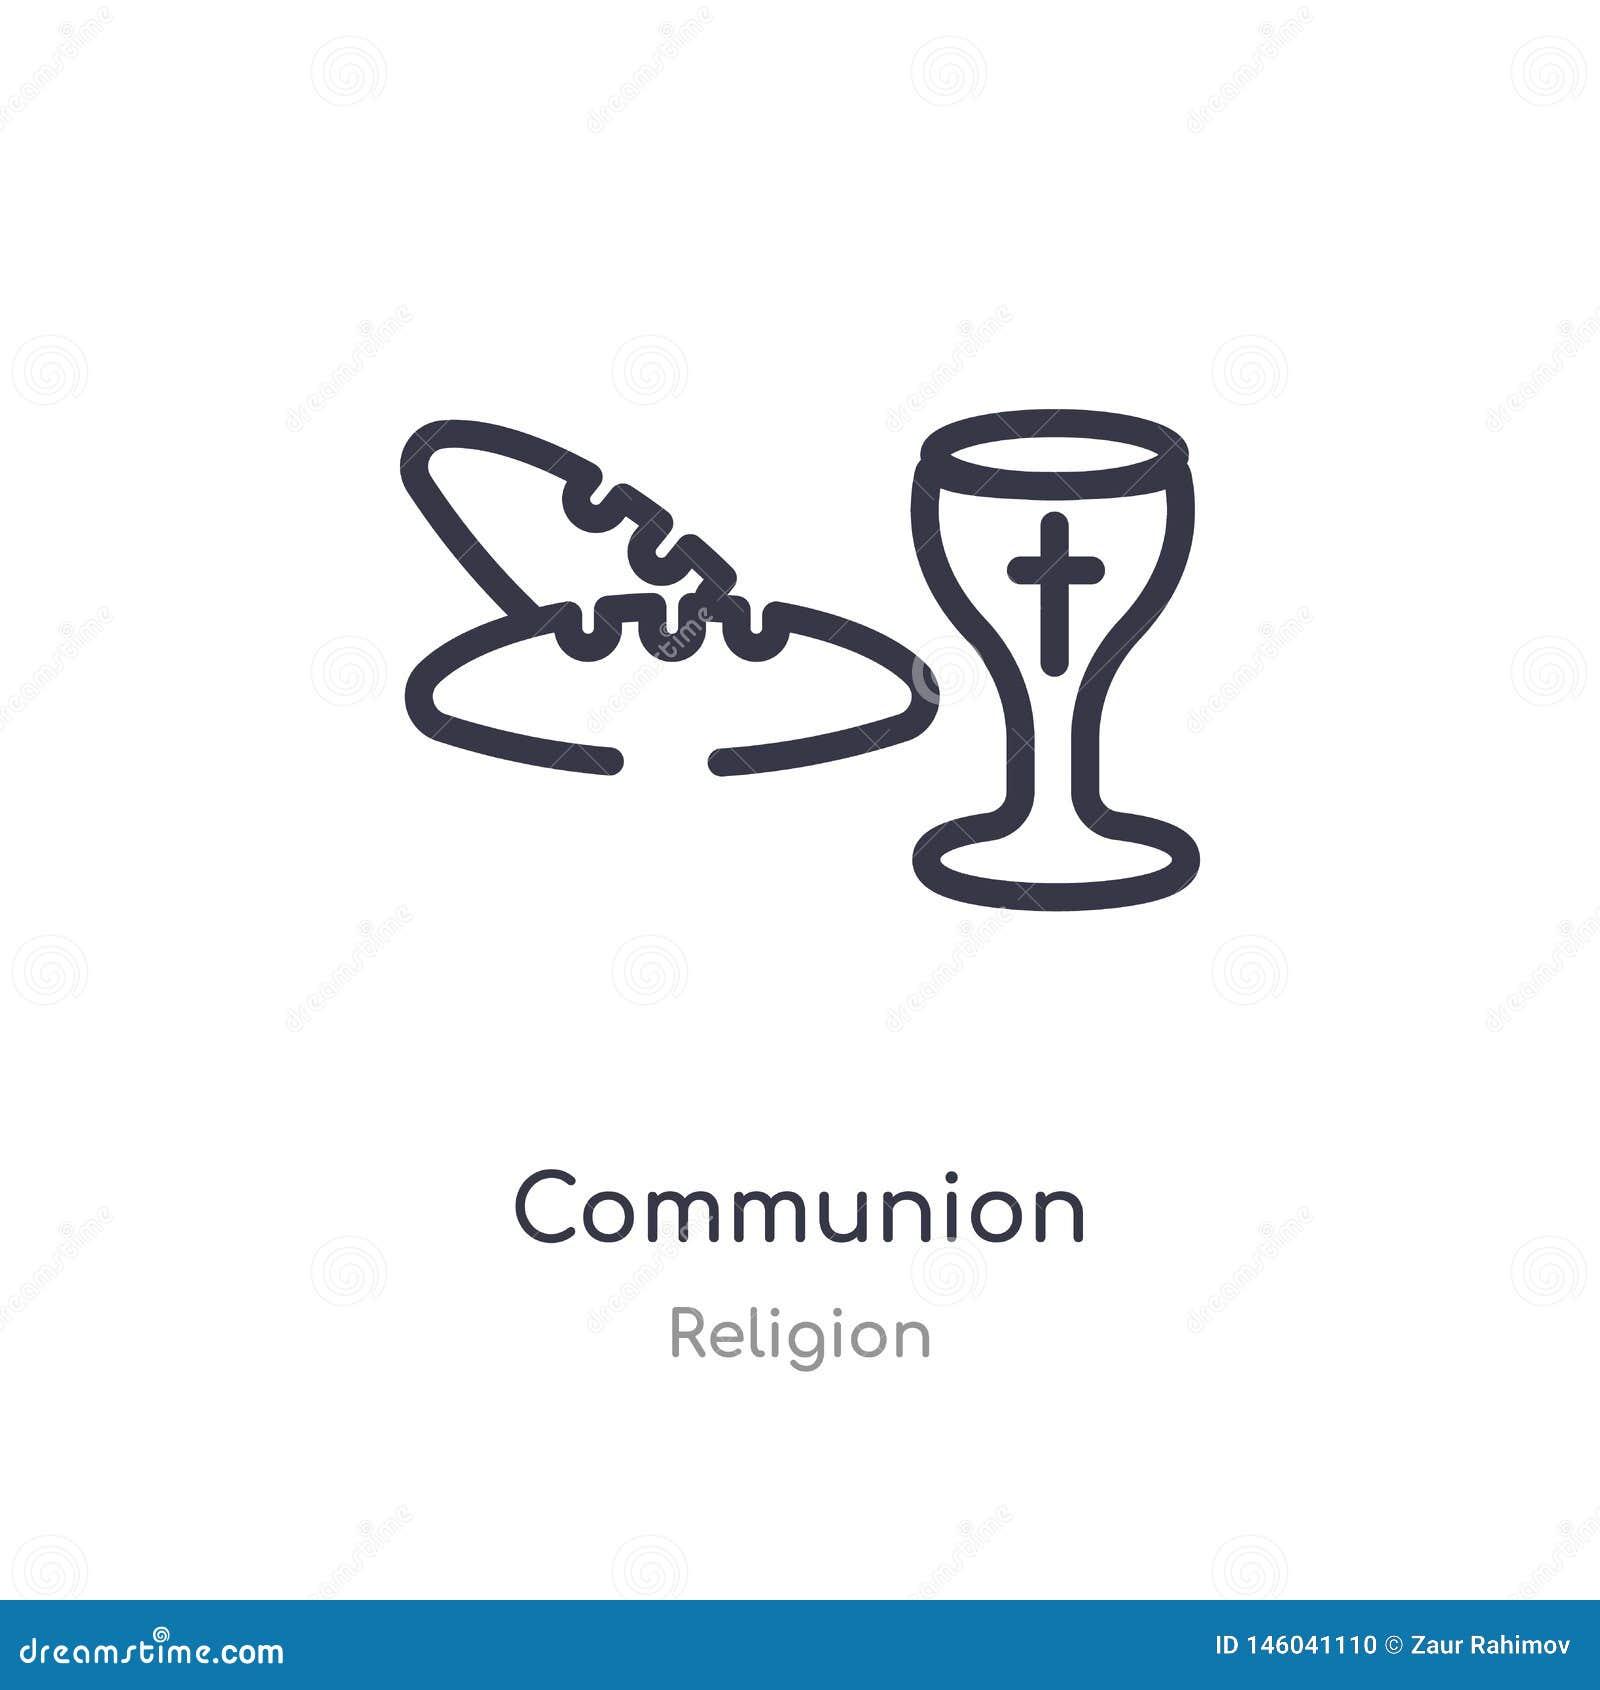 значок плана общности изолированная линия иллюстрация вектора от собрания вероисповедания editable тонкий значок общности хода на